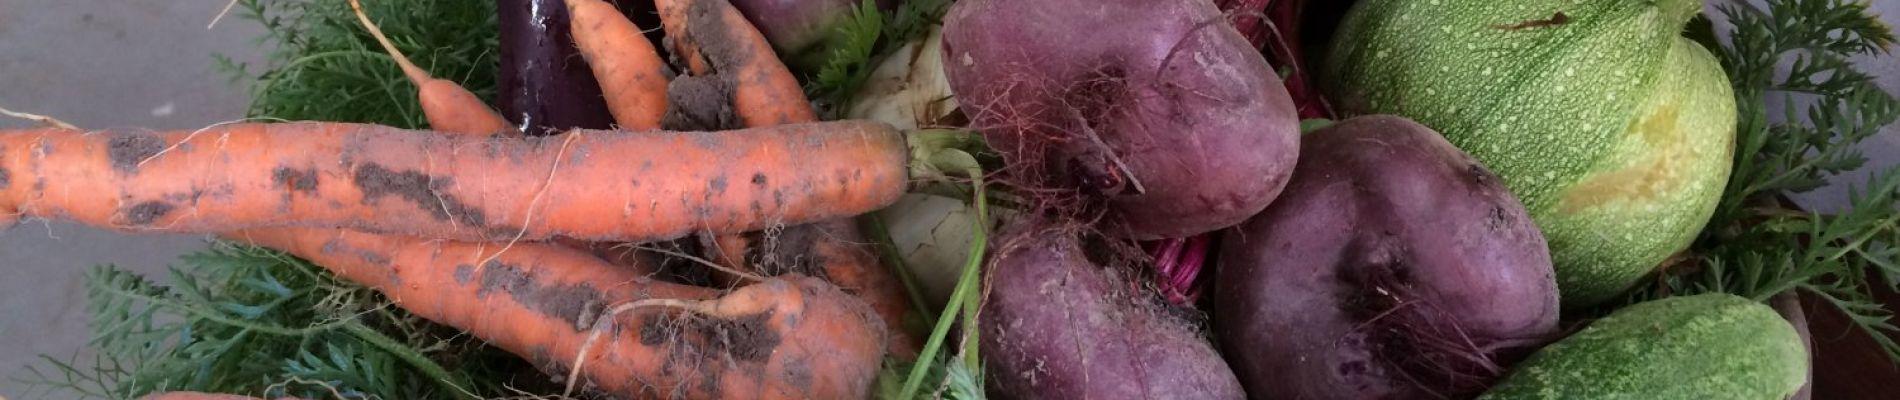 groente.jpg